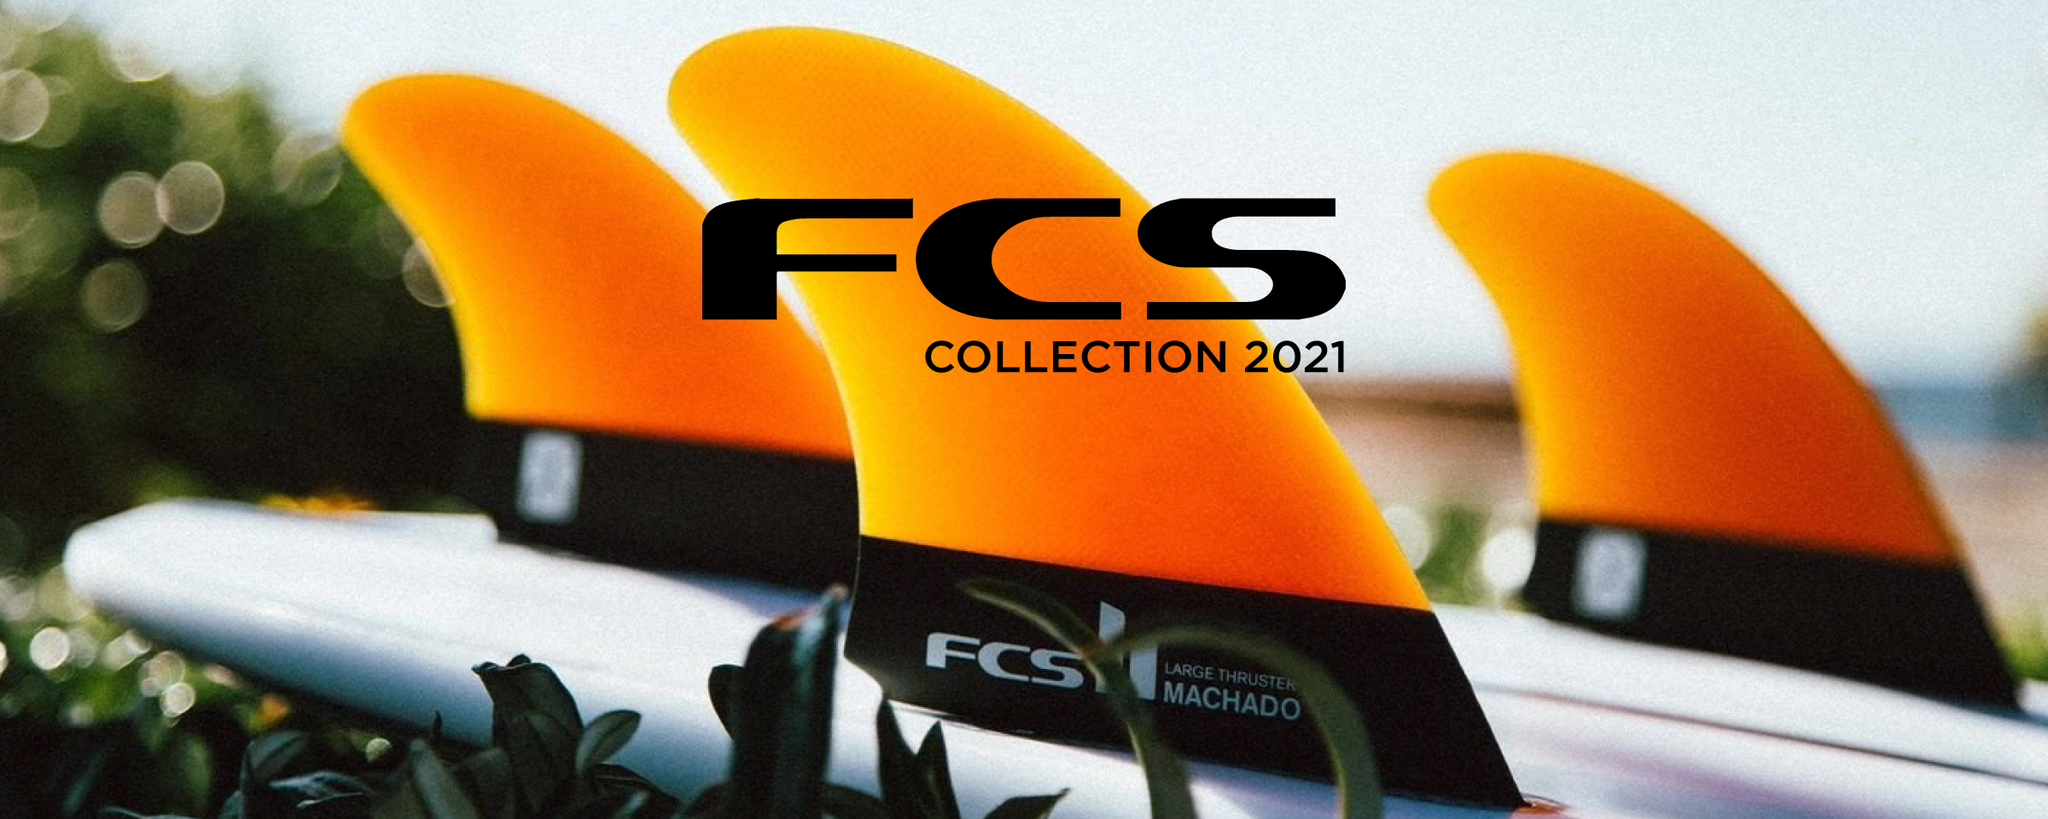 FCS Nouveauté 2021 FR